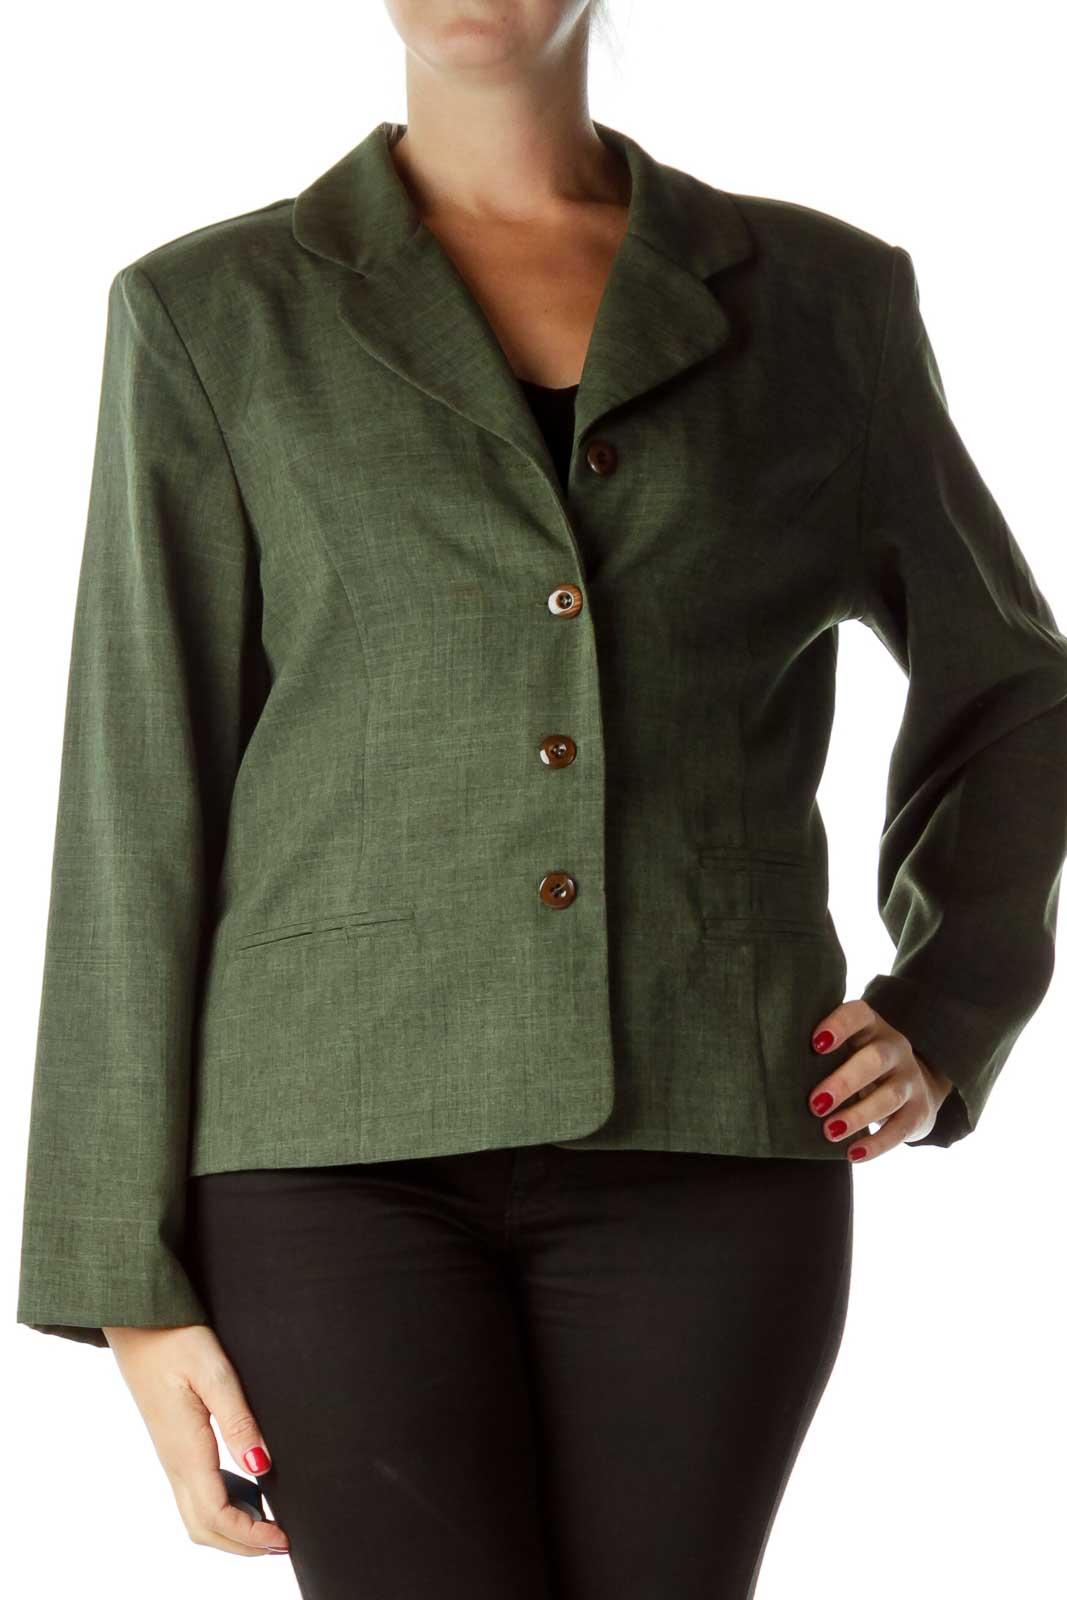 Green Textured Suit Jacket